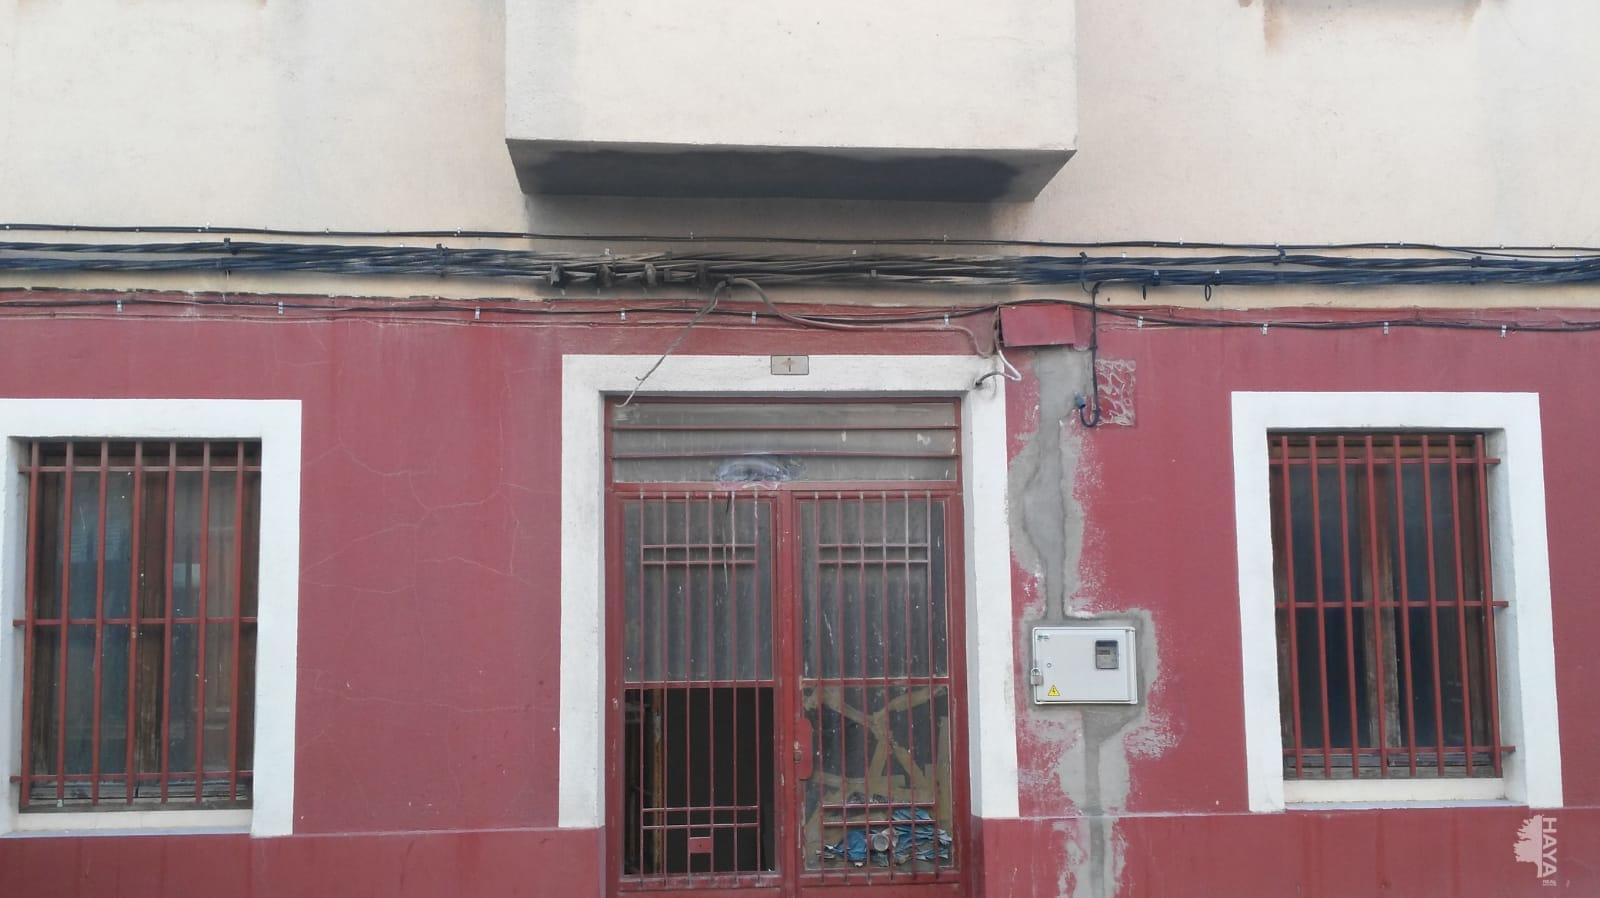 Piso en venta en La Roda, la Roda, Albacete, Calle Puerta de Granada, 54.400 €, 3 habitaciones, 1 baño, 170 m2